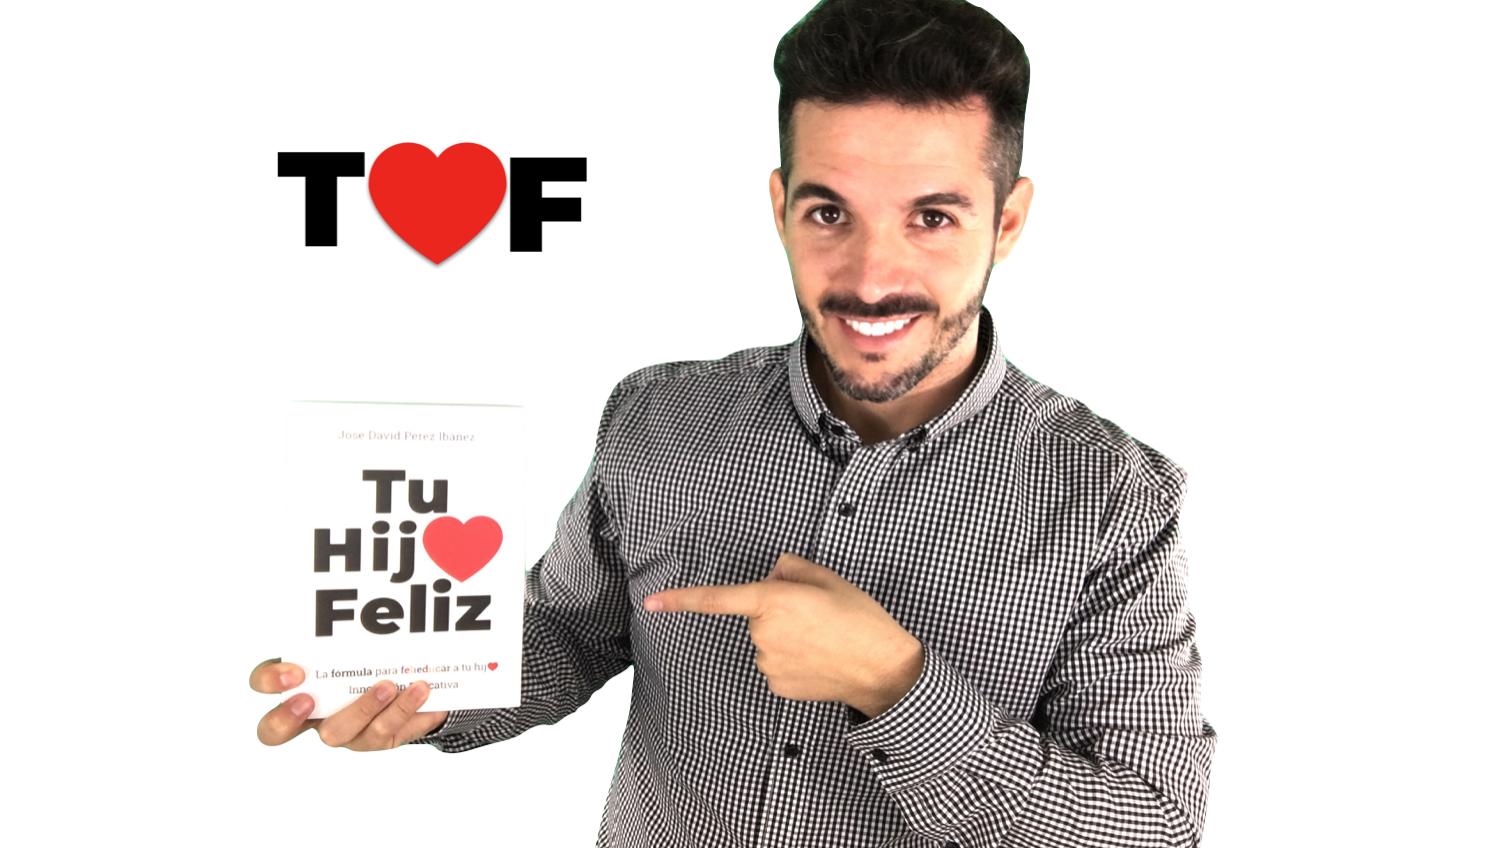 José David Pérez, autor del libro Tu hijo feliz (tuhijofeliz.com) 2